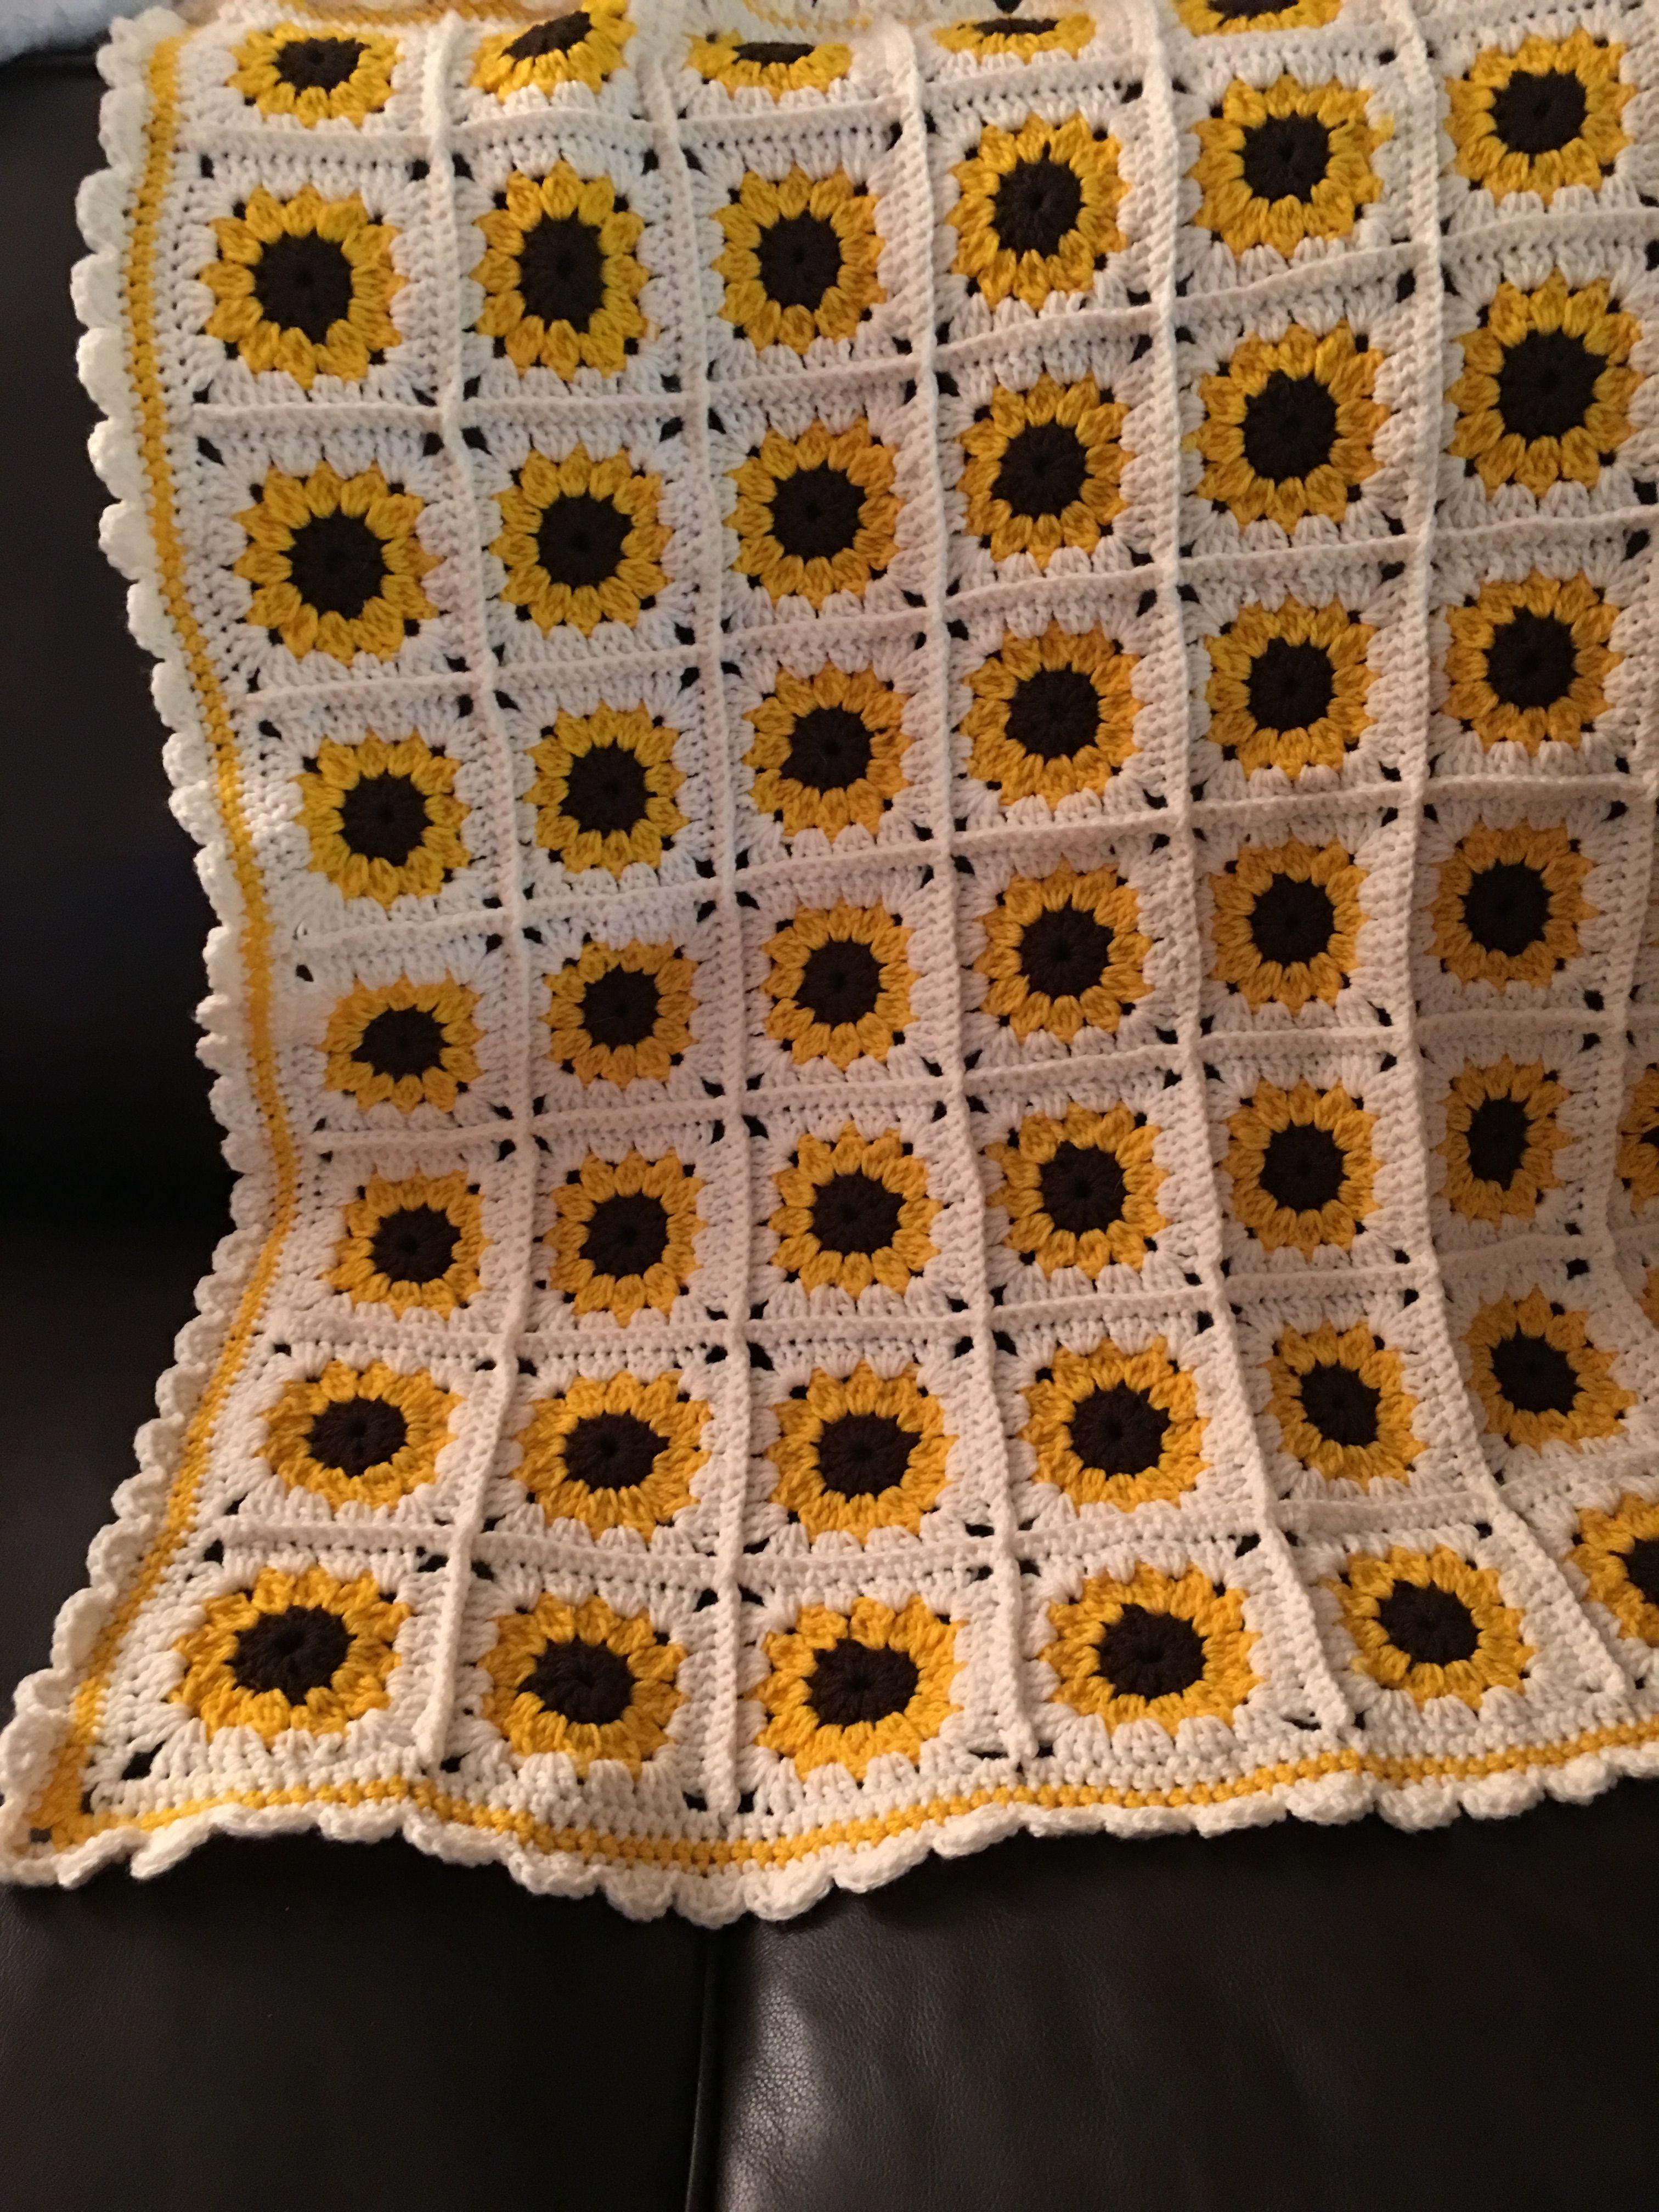 Crochet Sunflower Baby Blanket Crochet Sunflower Chevron Crochet Patterns Crochet Throw